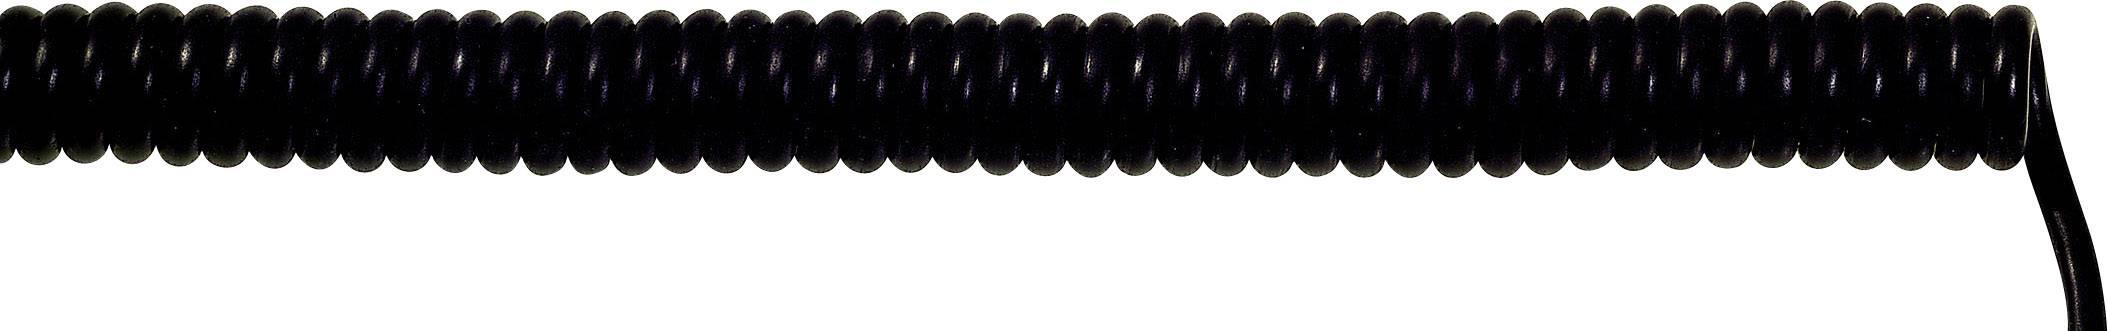 Spirálový kabel 73220249 UNITRONIC® SPIRAL 3 x 0.25 mm², 500 mm / 2000 mm, černá